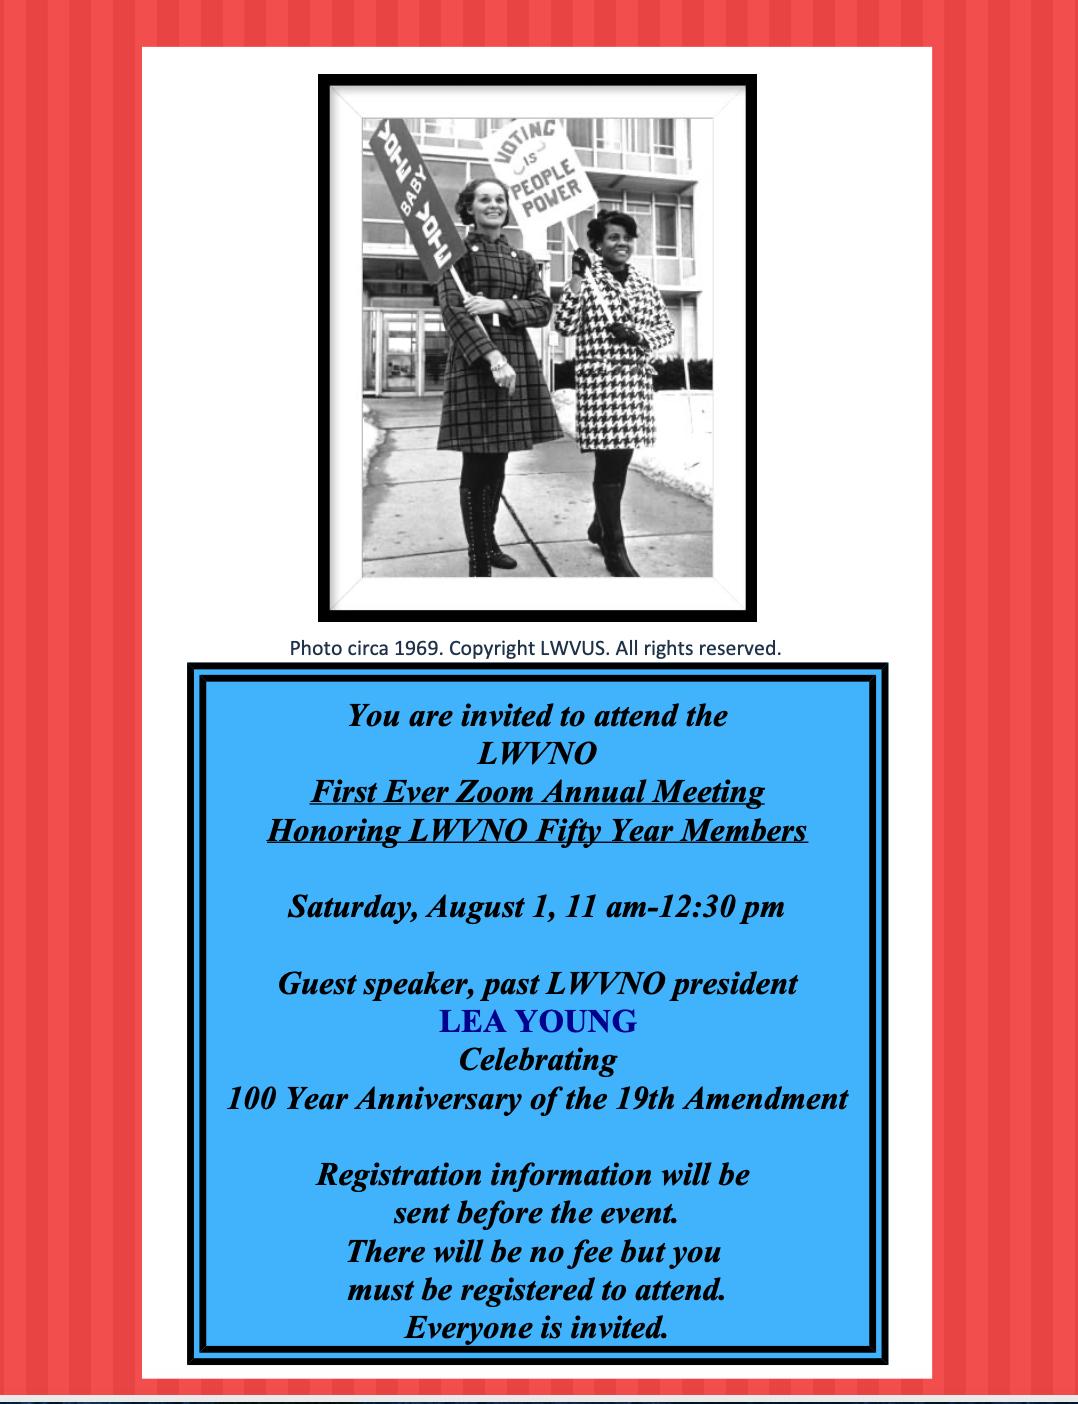 2020 annual meeting invite 2.0